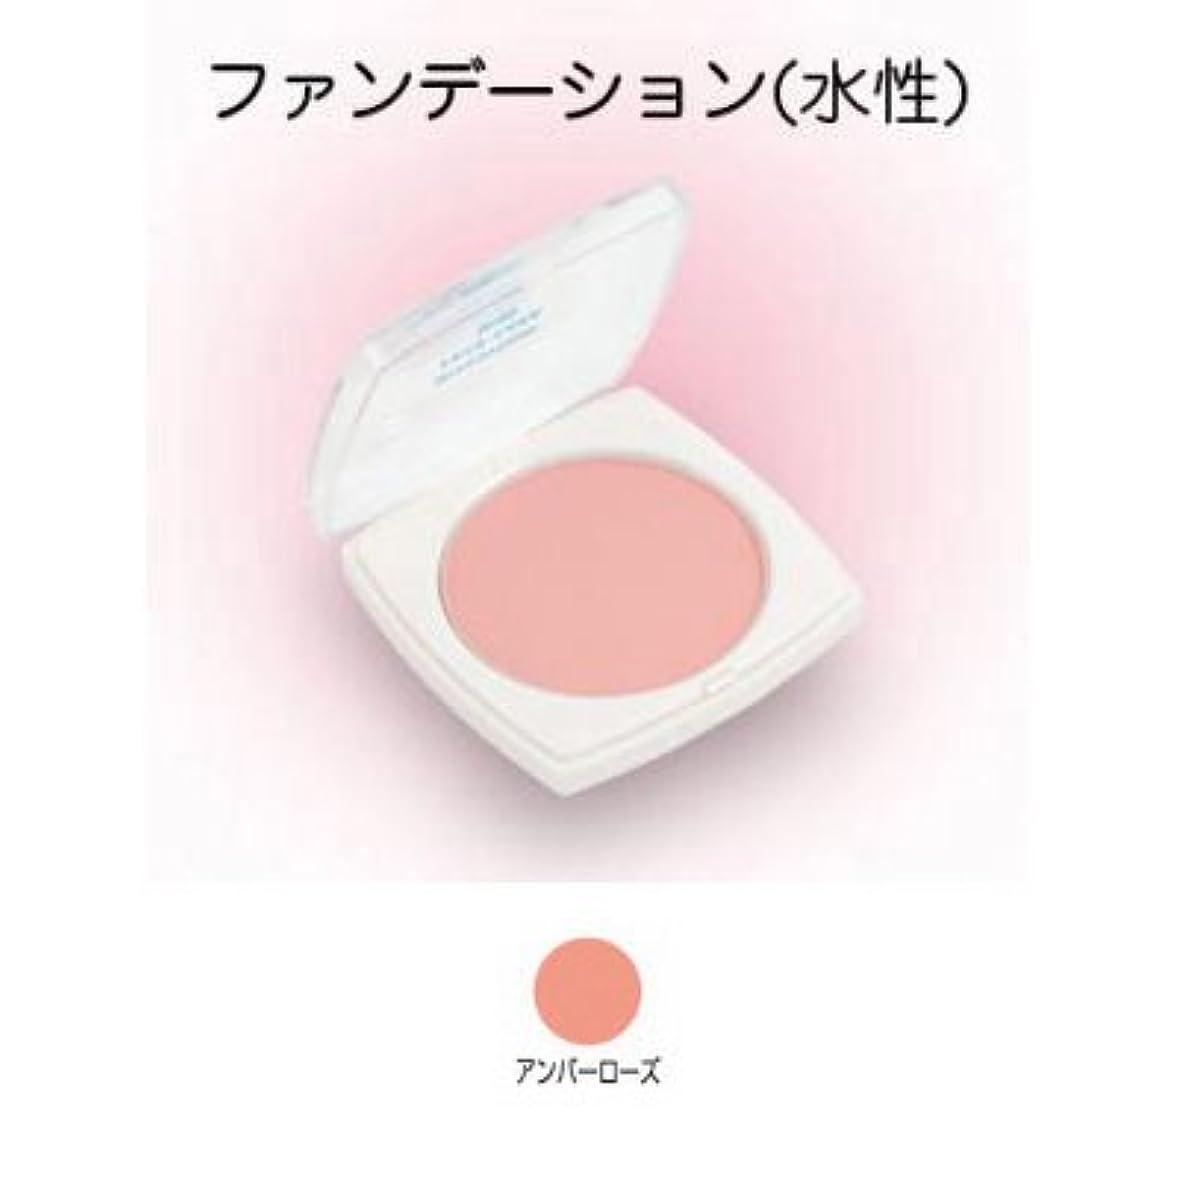 夕暮れ敏感な先住民フェースケーキ ミニ 17g アンバーローズ 【三善】